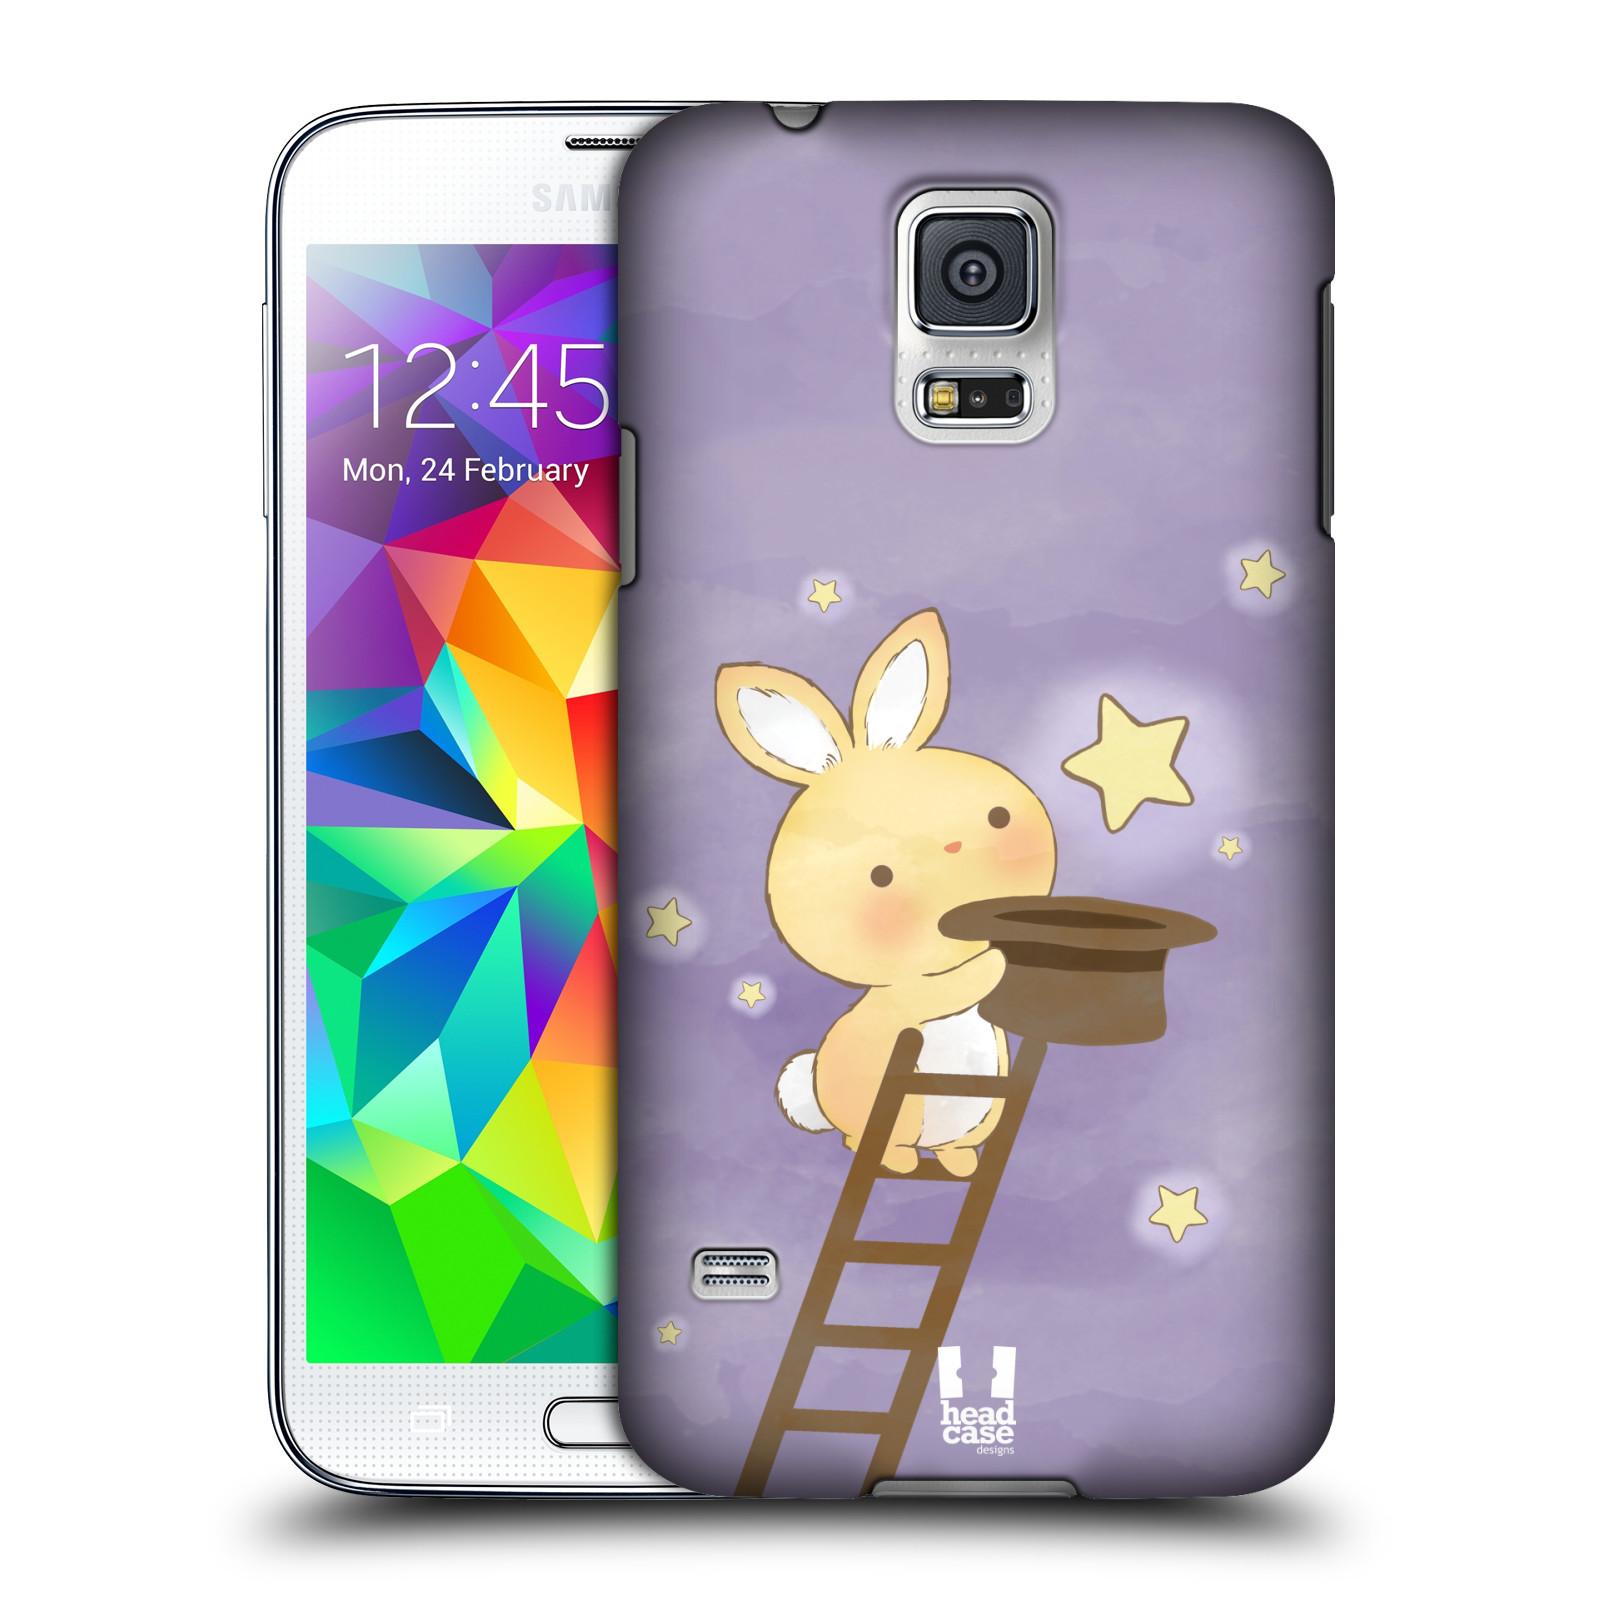 HEAD CASE plastový obal na mobil SAMSUNG Galaxy SS / S5 NEO (G900, G903F) vzor králíček a hvězdy fialová